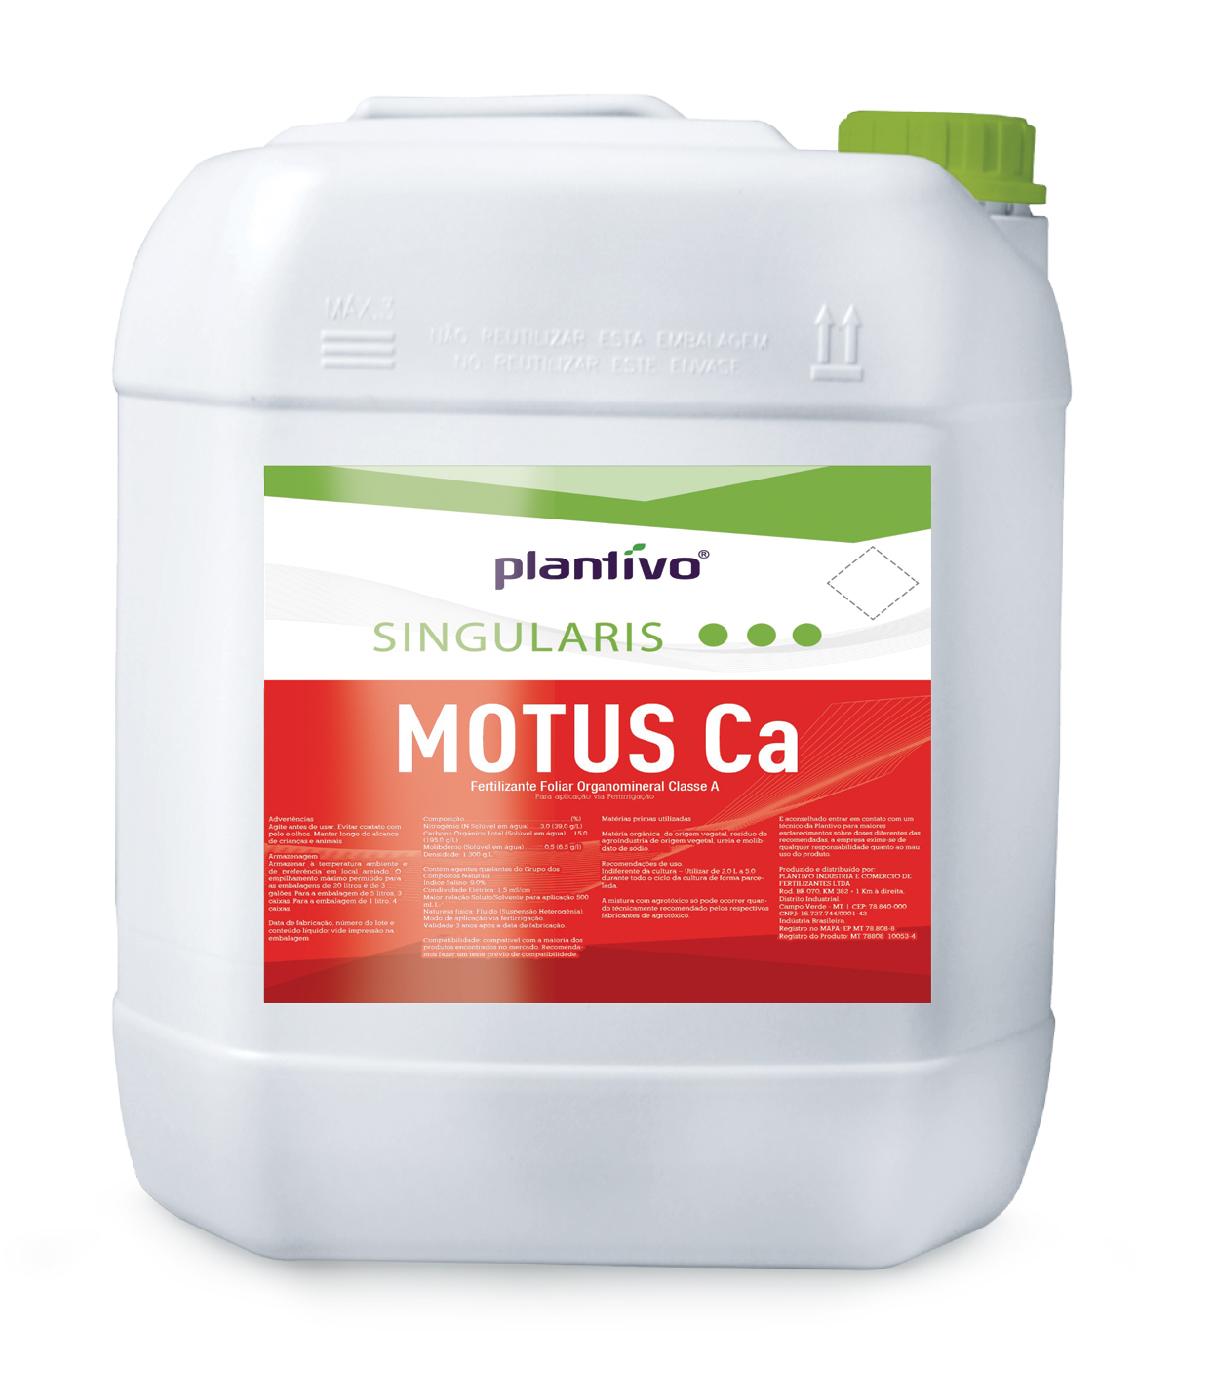 MOTUS Ca